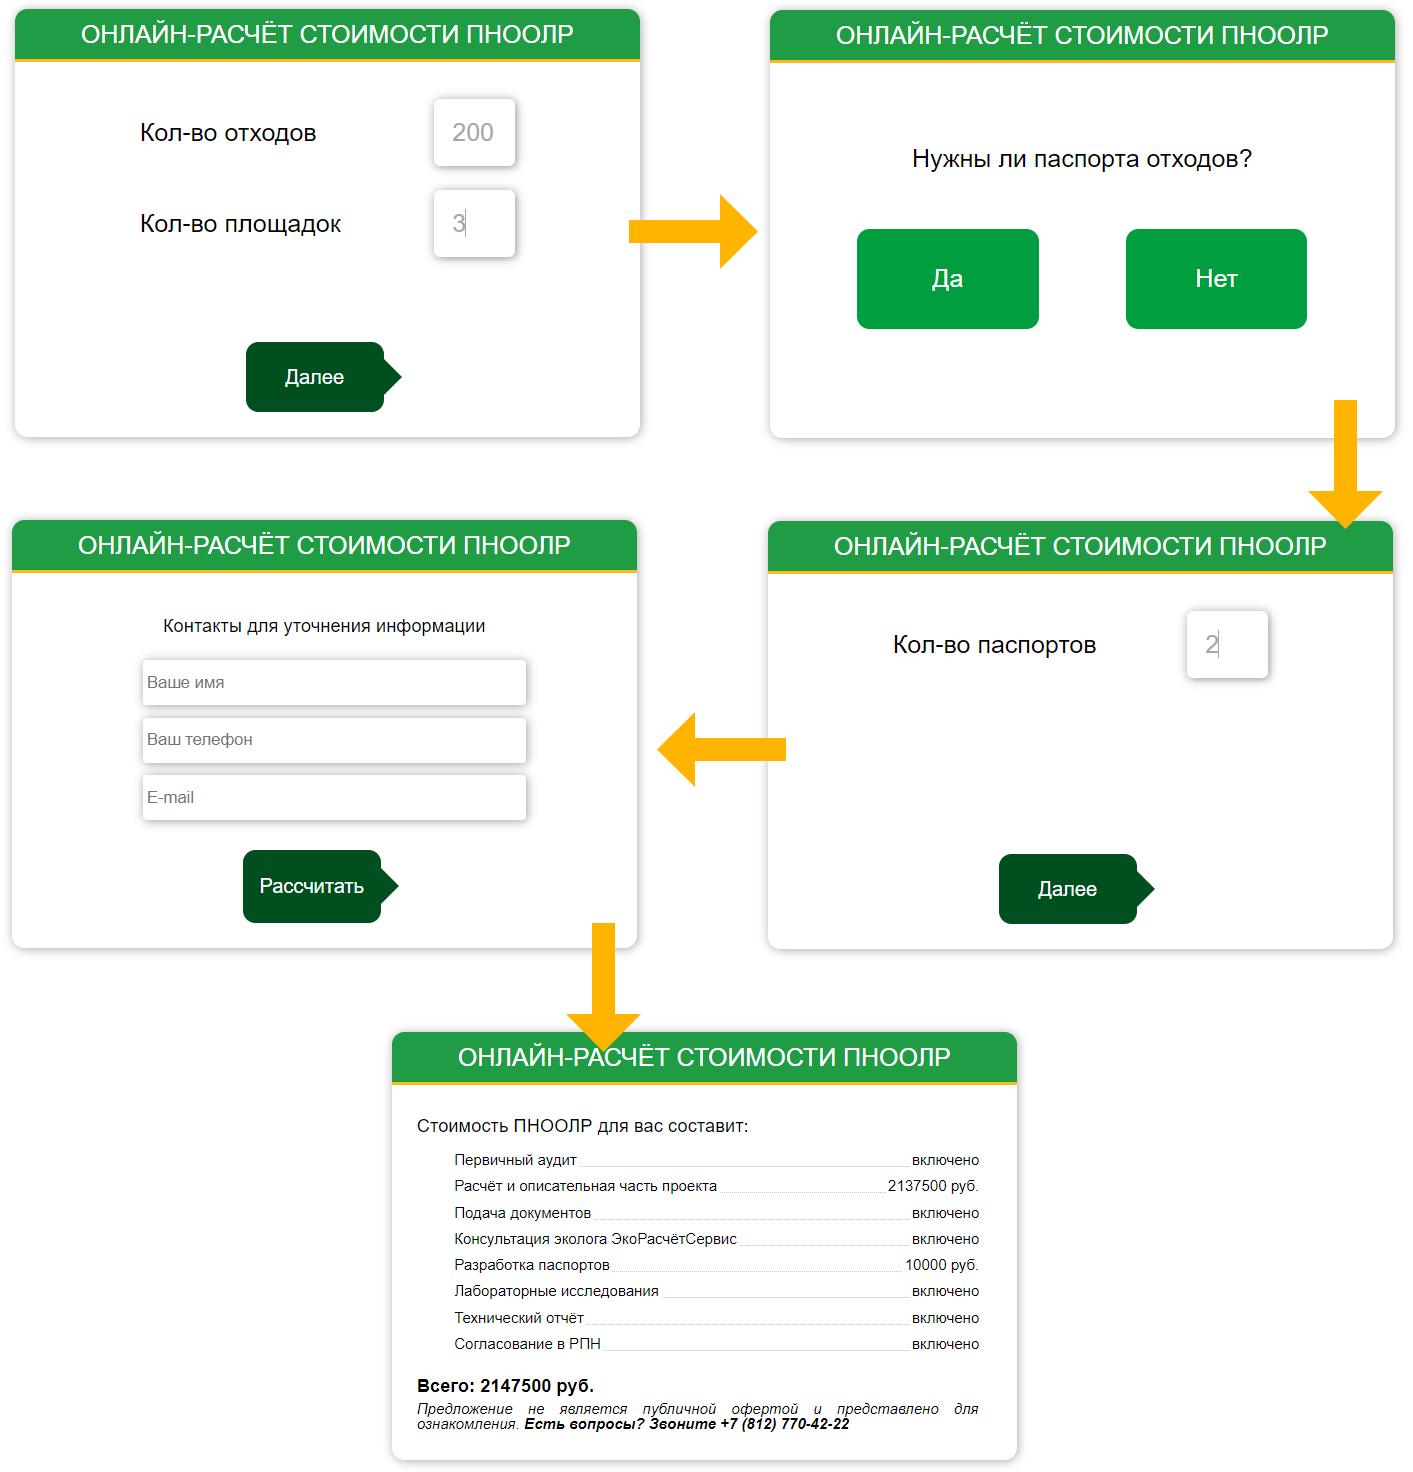 Калькулятор стоимости услуг на сайте